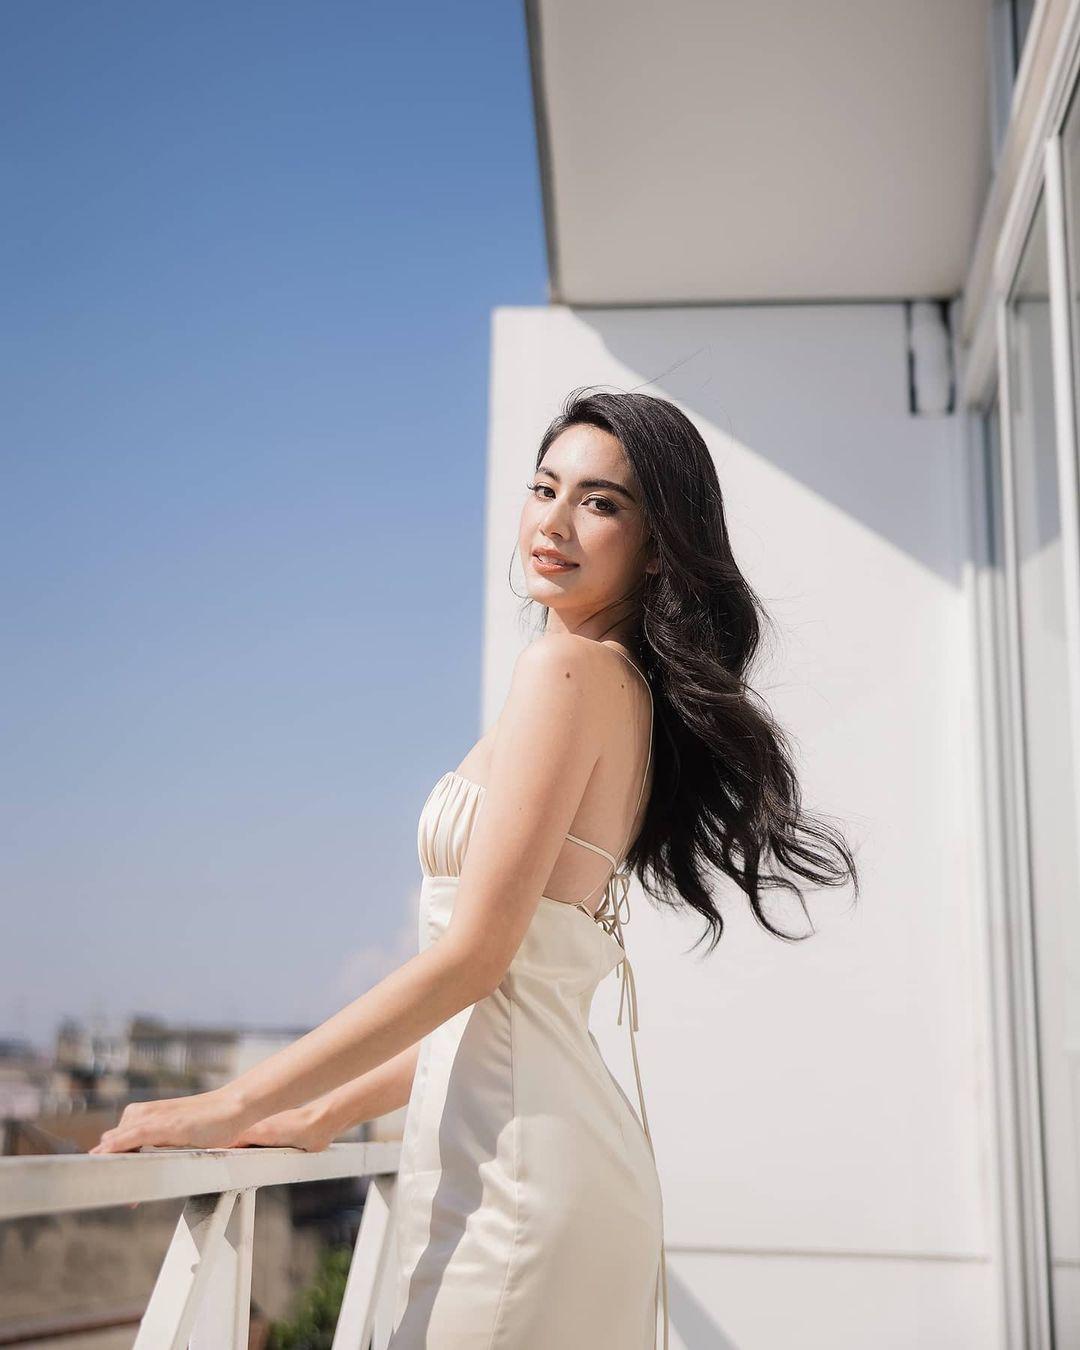 Hết Hà Tăng đến Mai Davika lăng xê, đây đúng là kiểu váy hot nhất Hè này rồi - Ảnh 3.